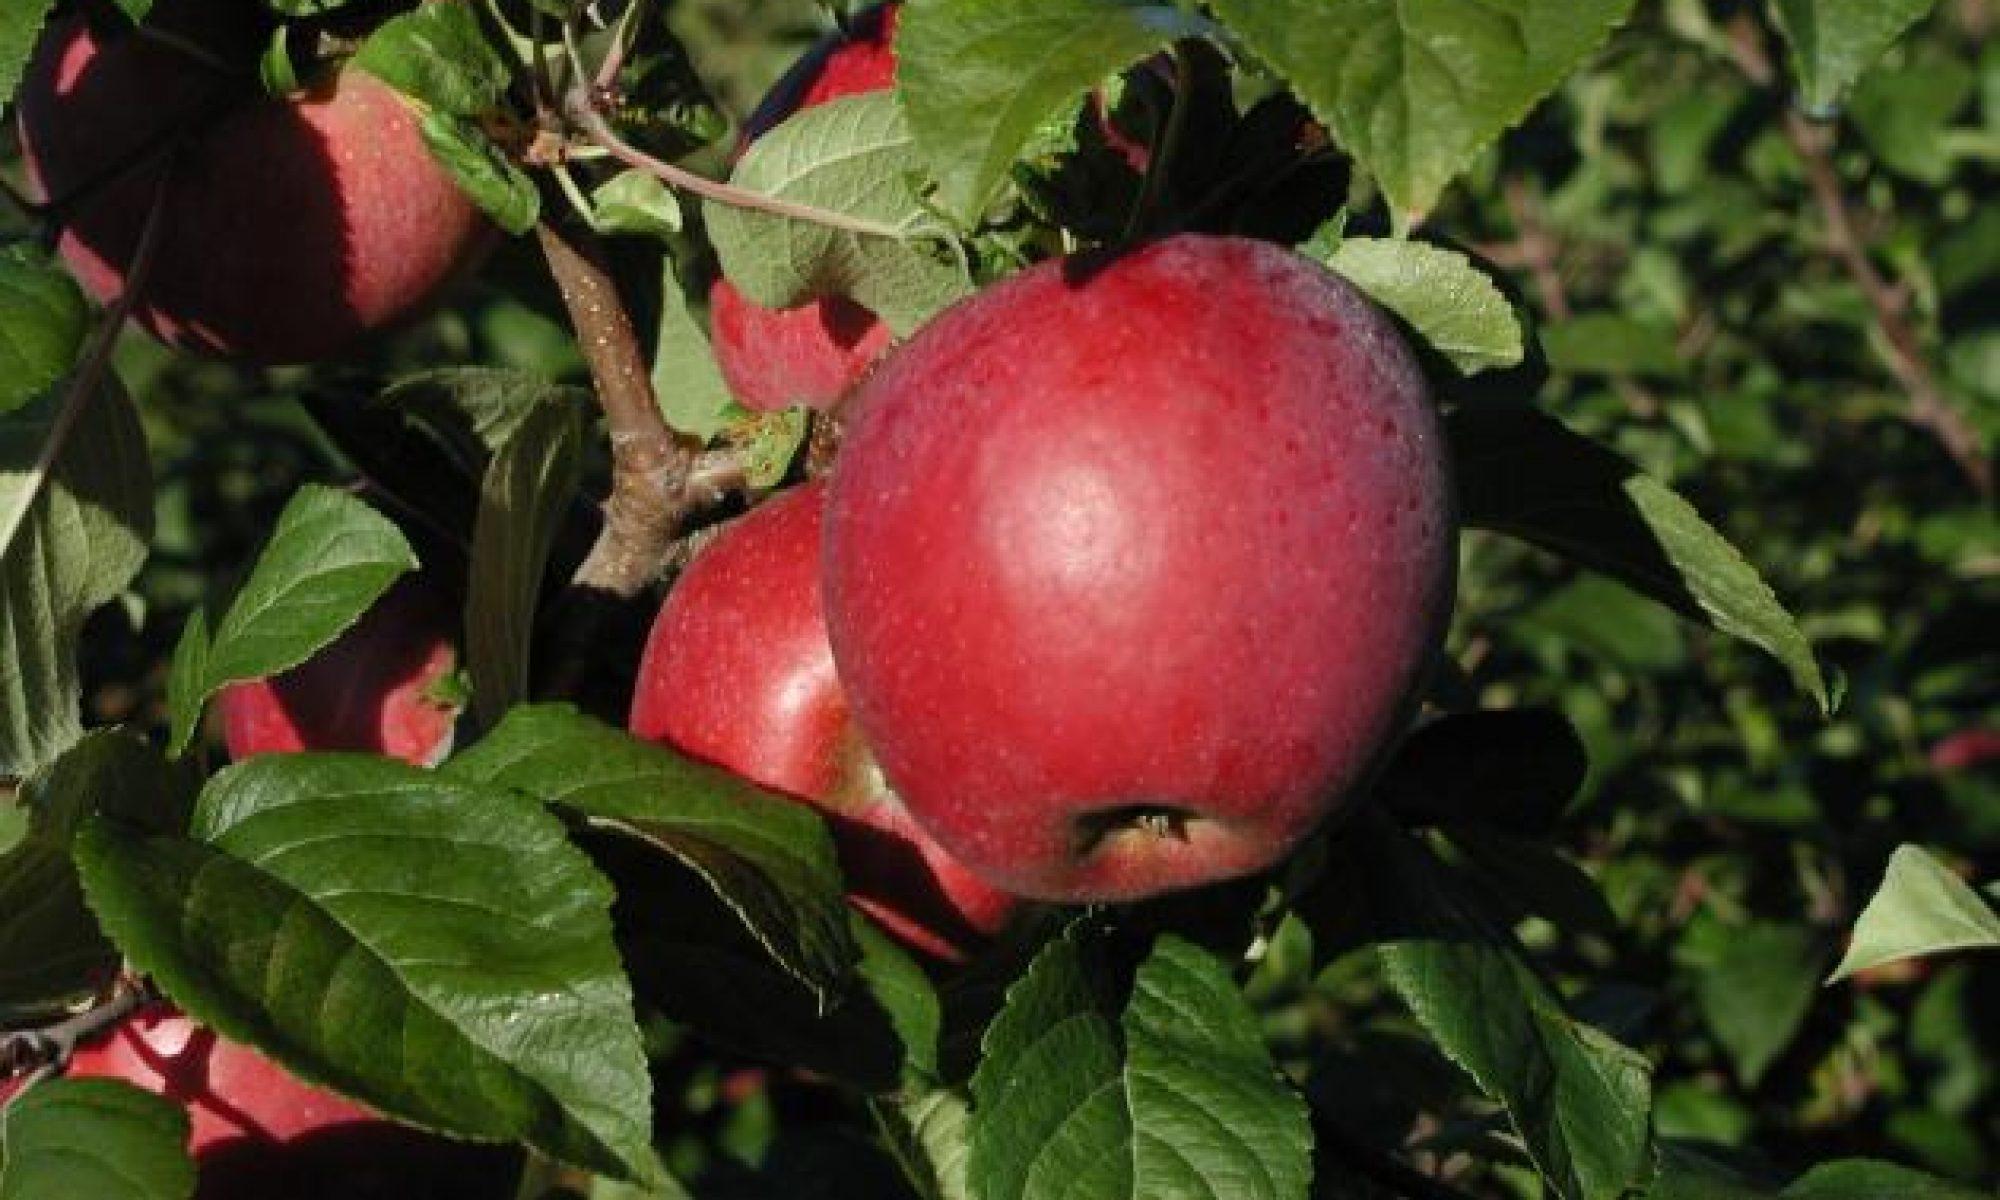 Описание сорта яблони коваленковское: фото яблок, важные характеристики, урожайность с дерева